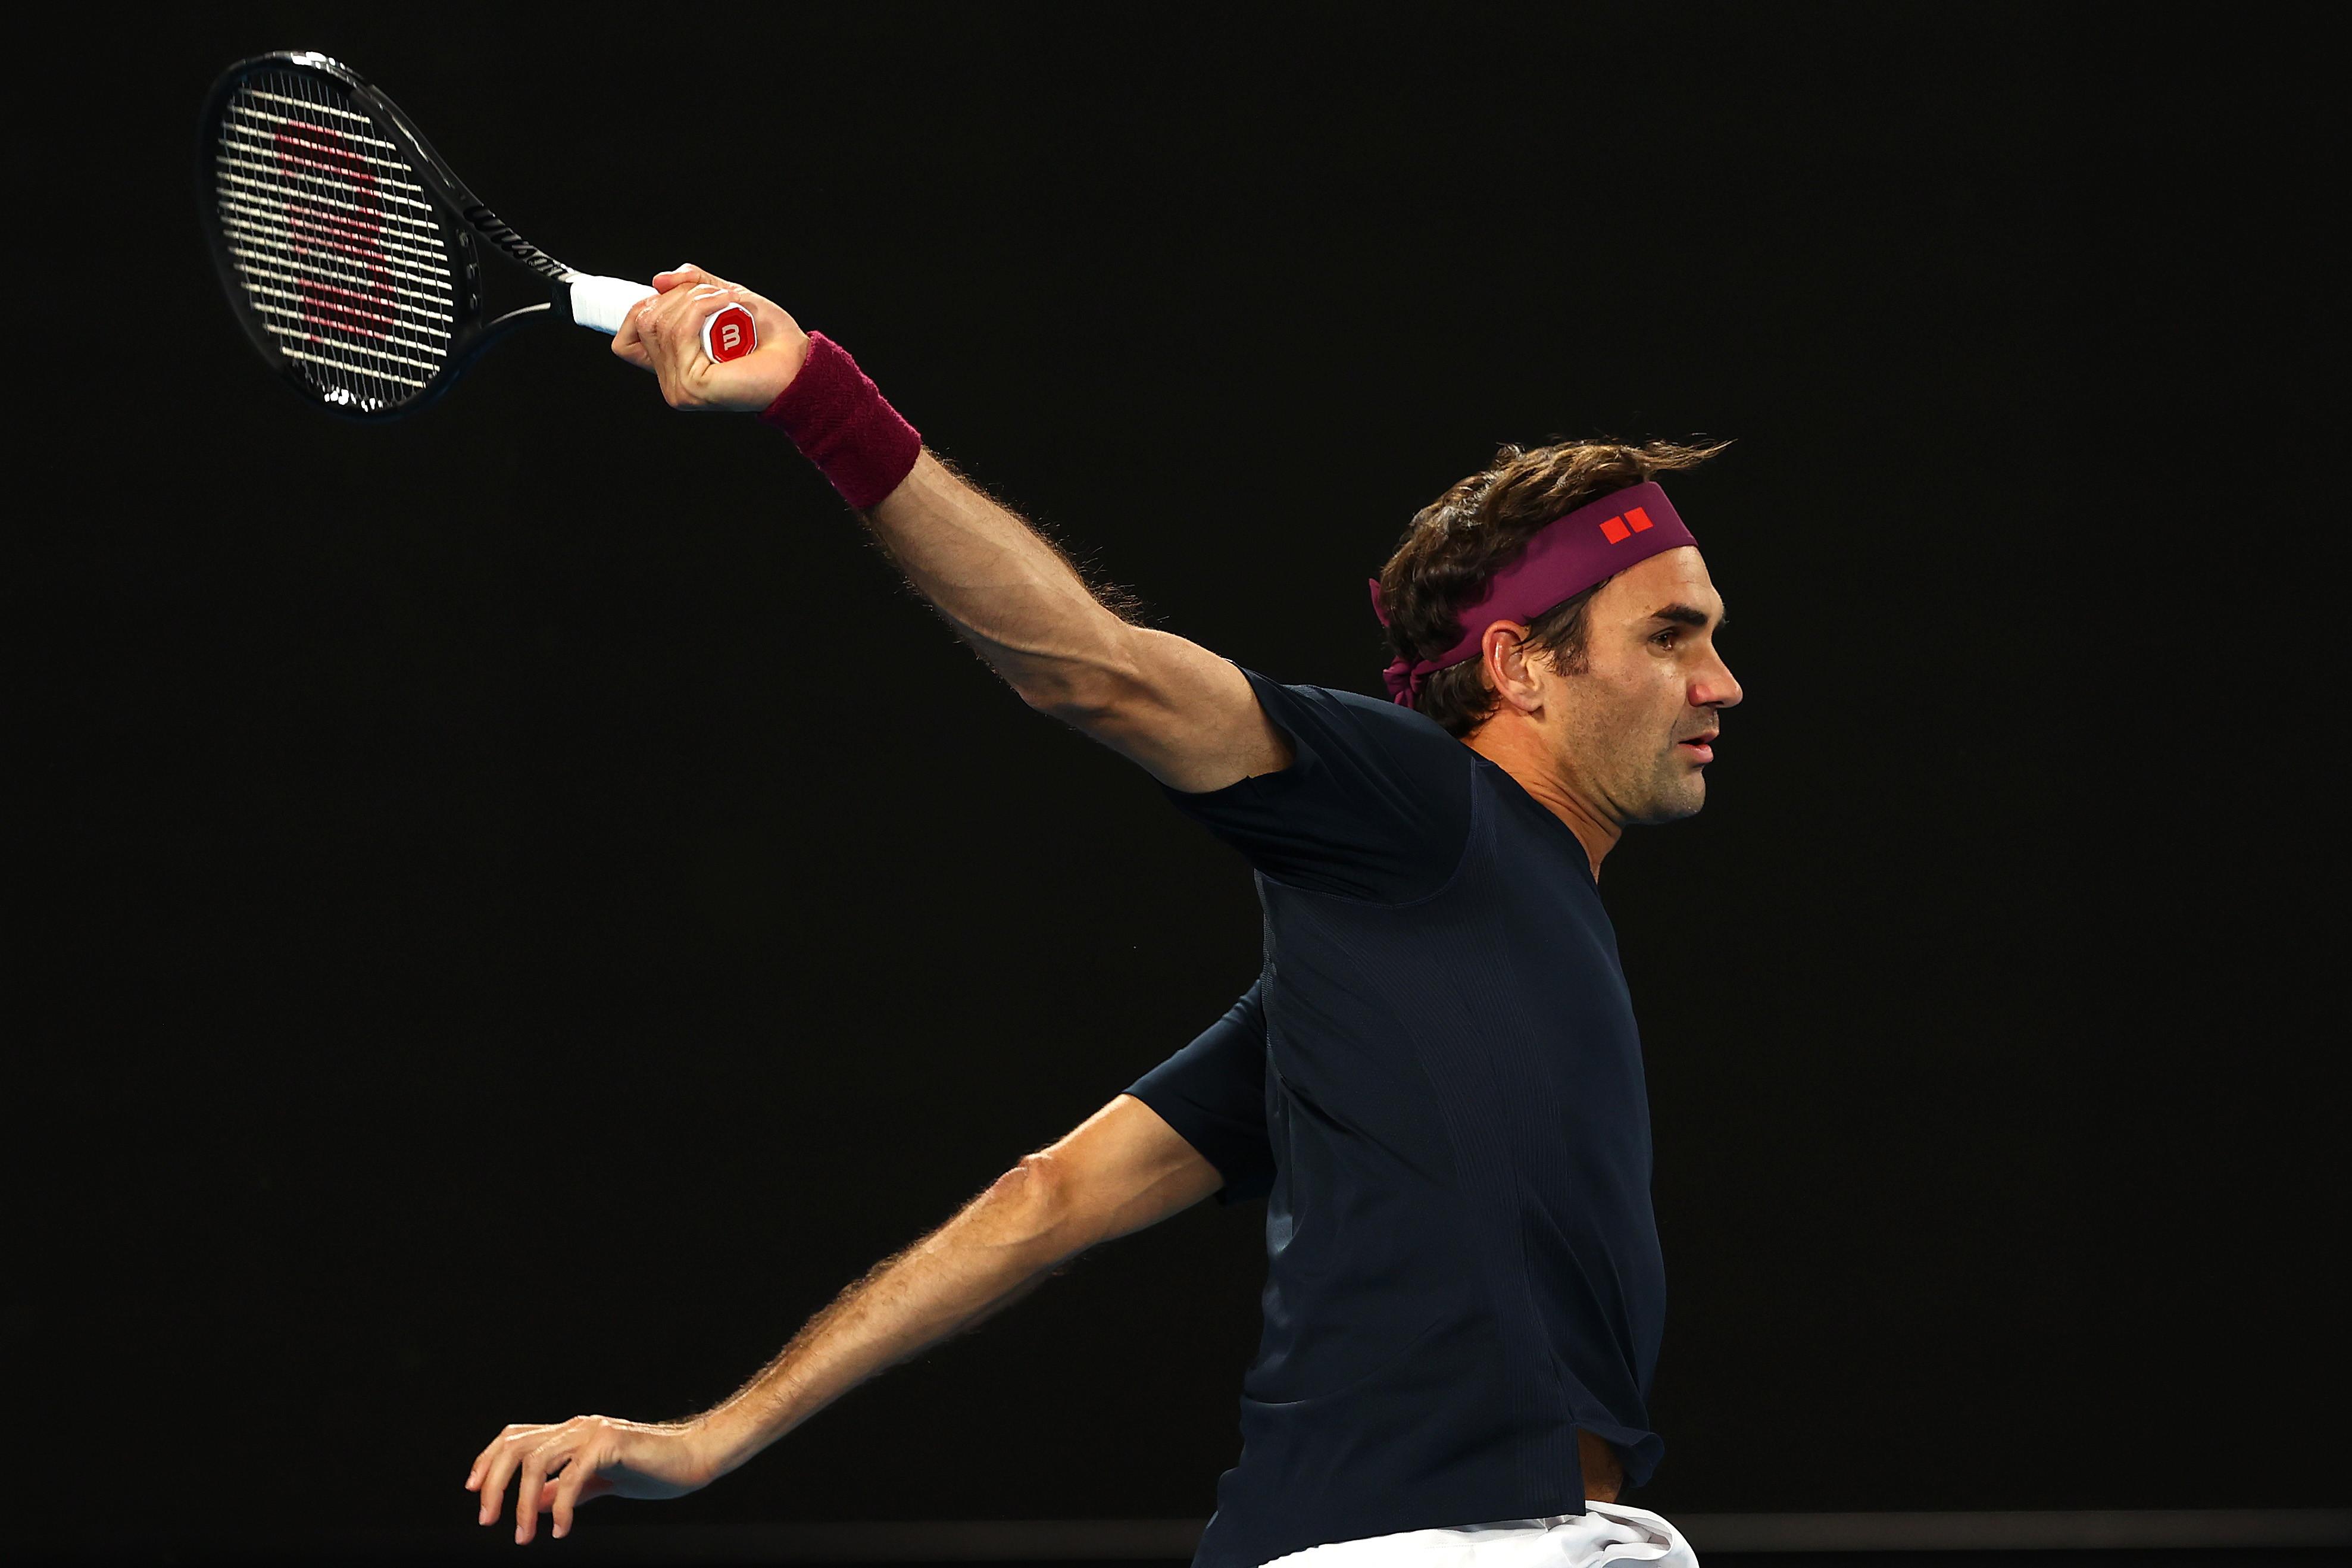 Lo svizzero risorge a un passo dall'eliminazione agli Australian Open